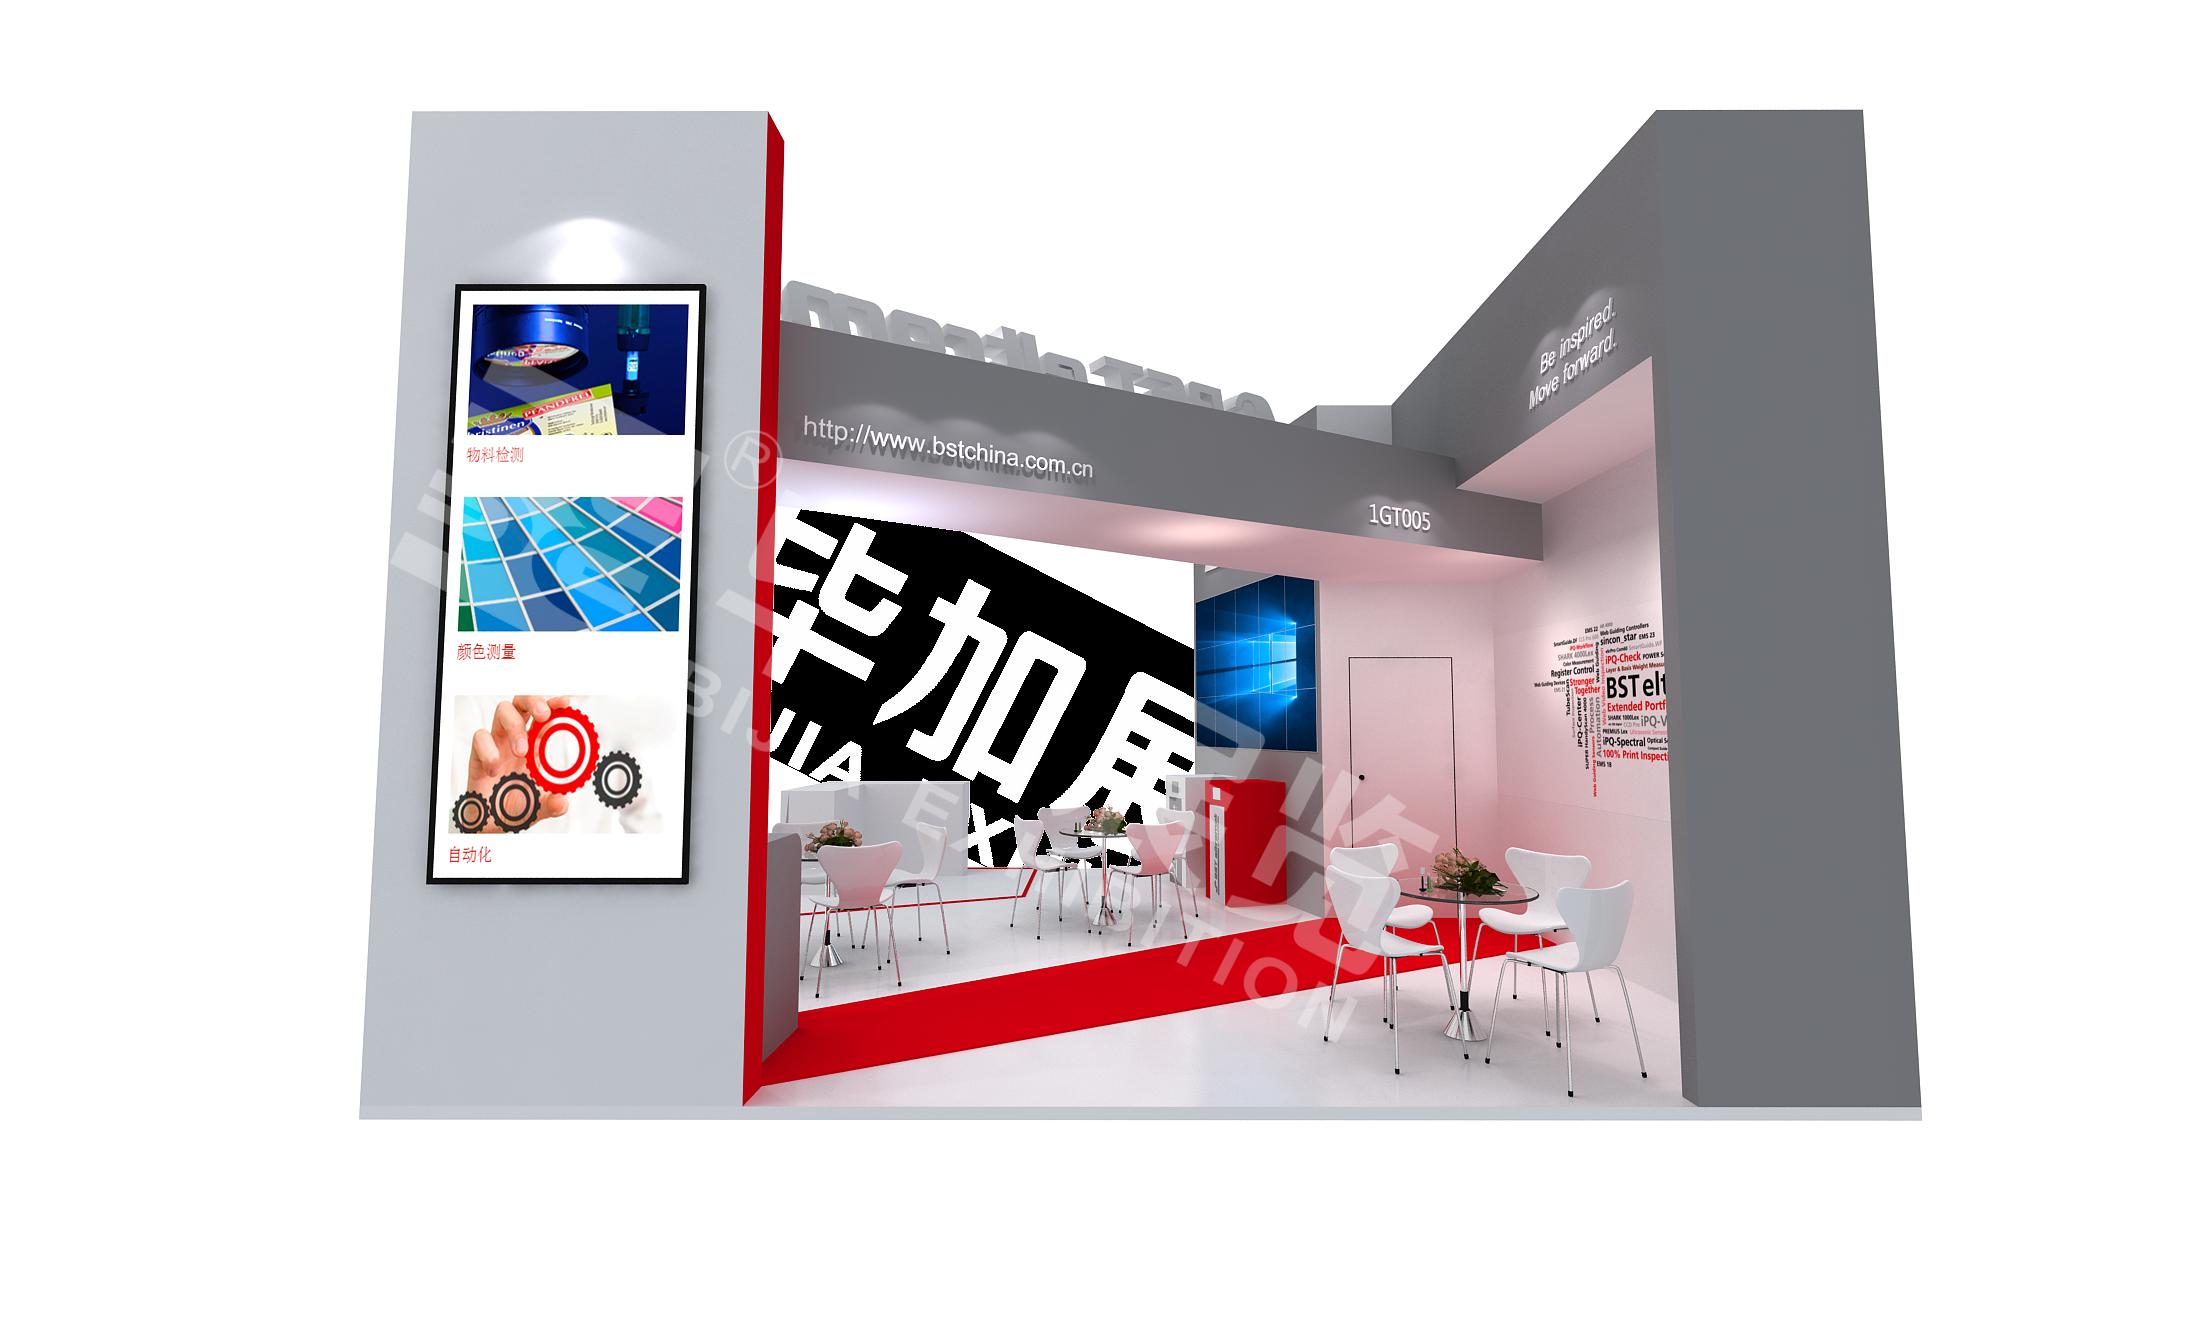 比勒(上海)自动化技术—电池展